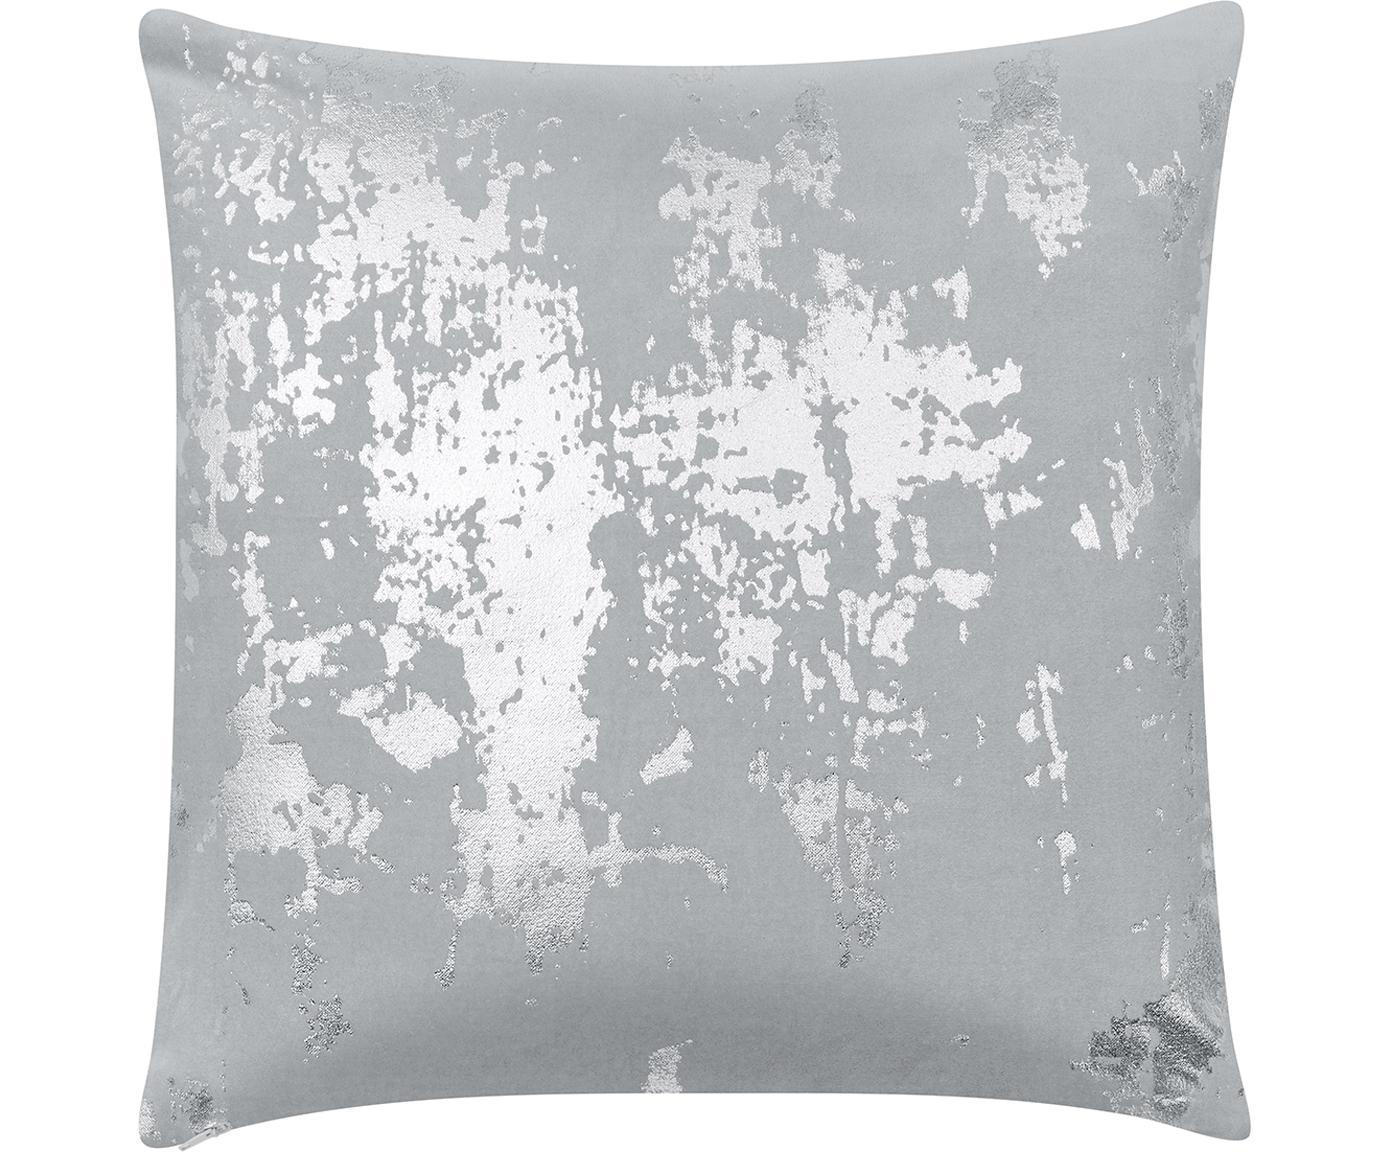 Federa arredo vintage in velluto lucido Shiny, Velluto di cotone, Grigio chiaro, argentato, Larg. 40 x Lung. 40 cm